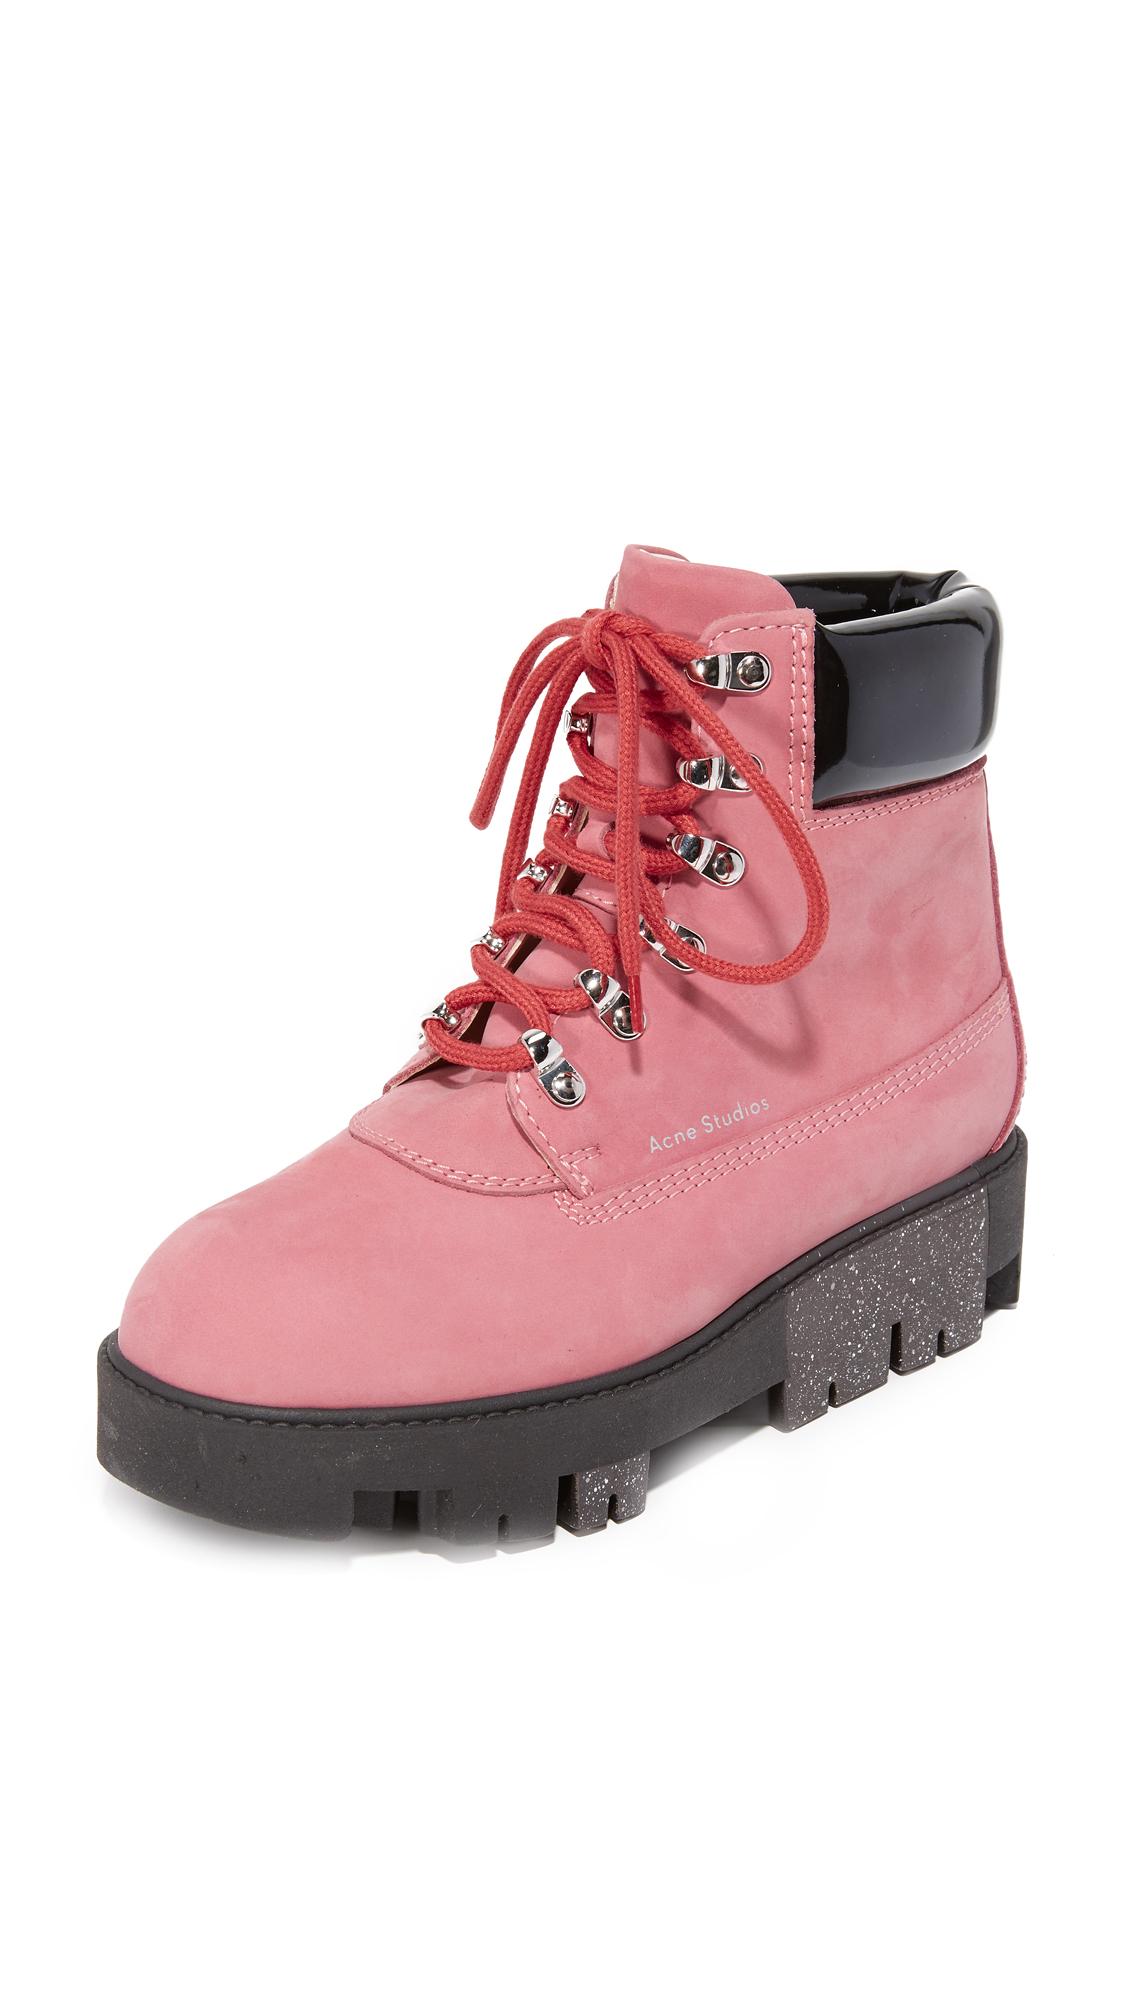 Acne Studios Telde Hiking Booties - Pink